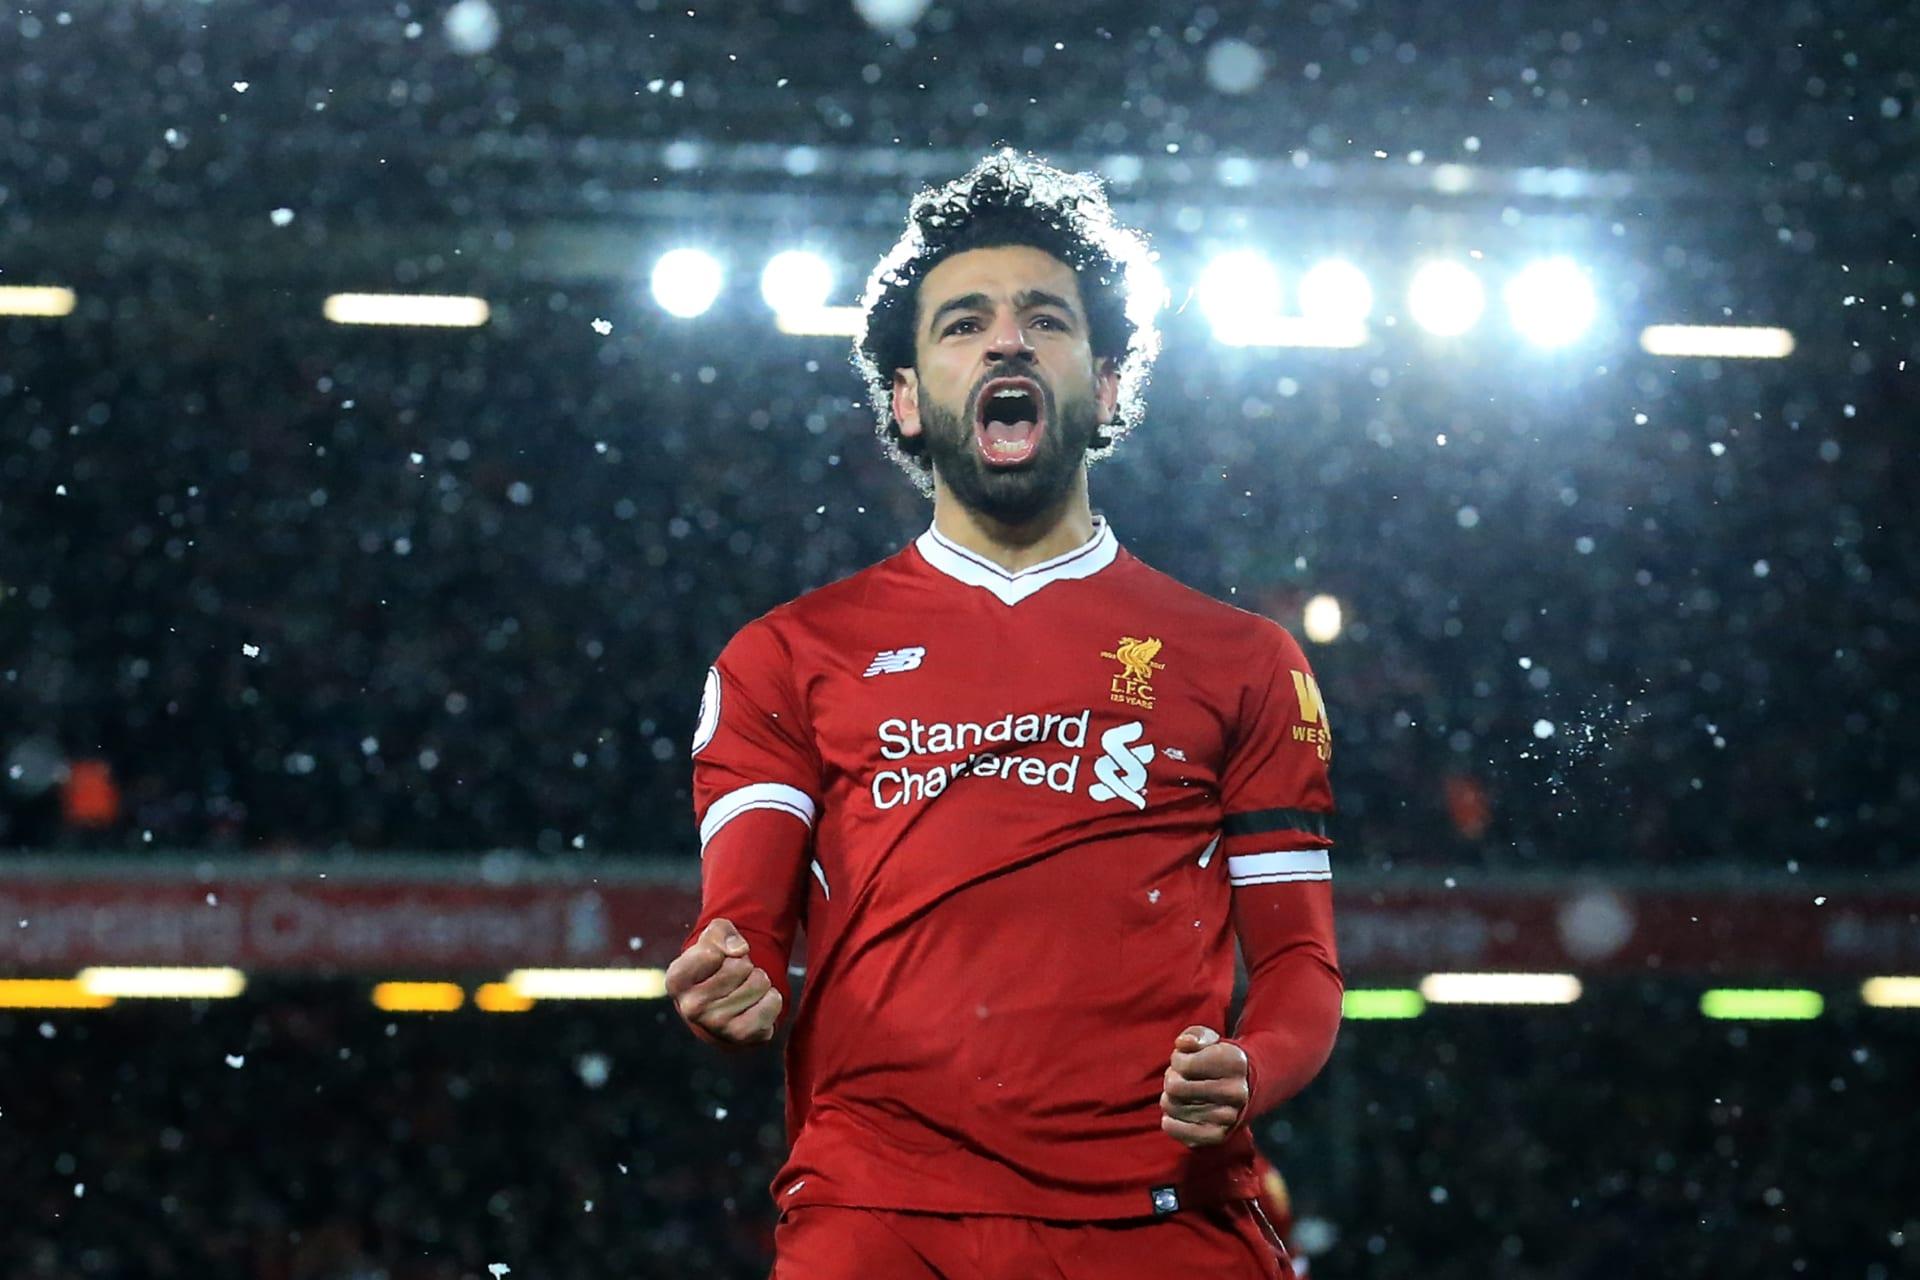 """محمد صلاح أول عربي يسجل """"سوبر هاتريك"""" في الدوري الإنجليزي ويتصدر هدافي أوروبا"""